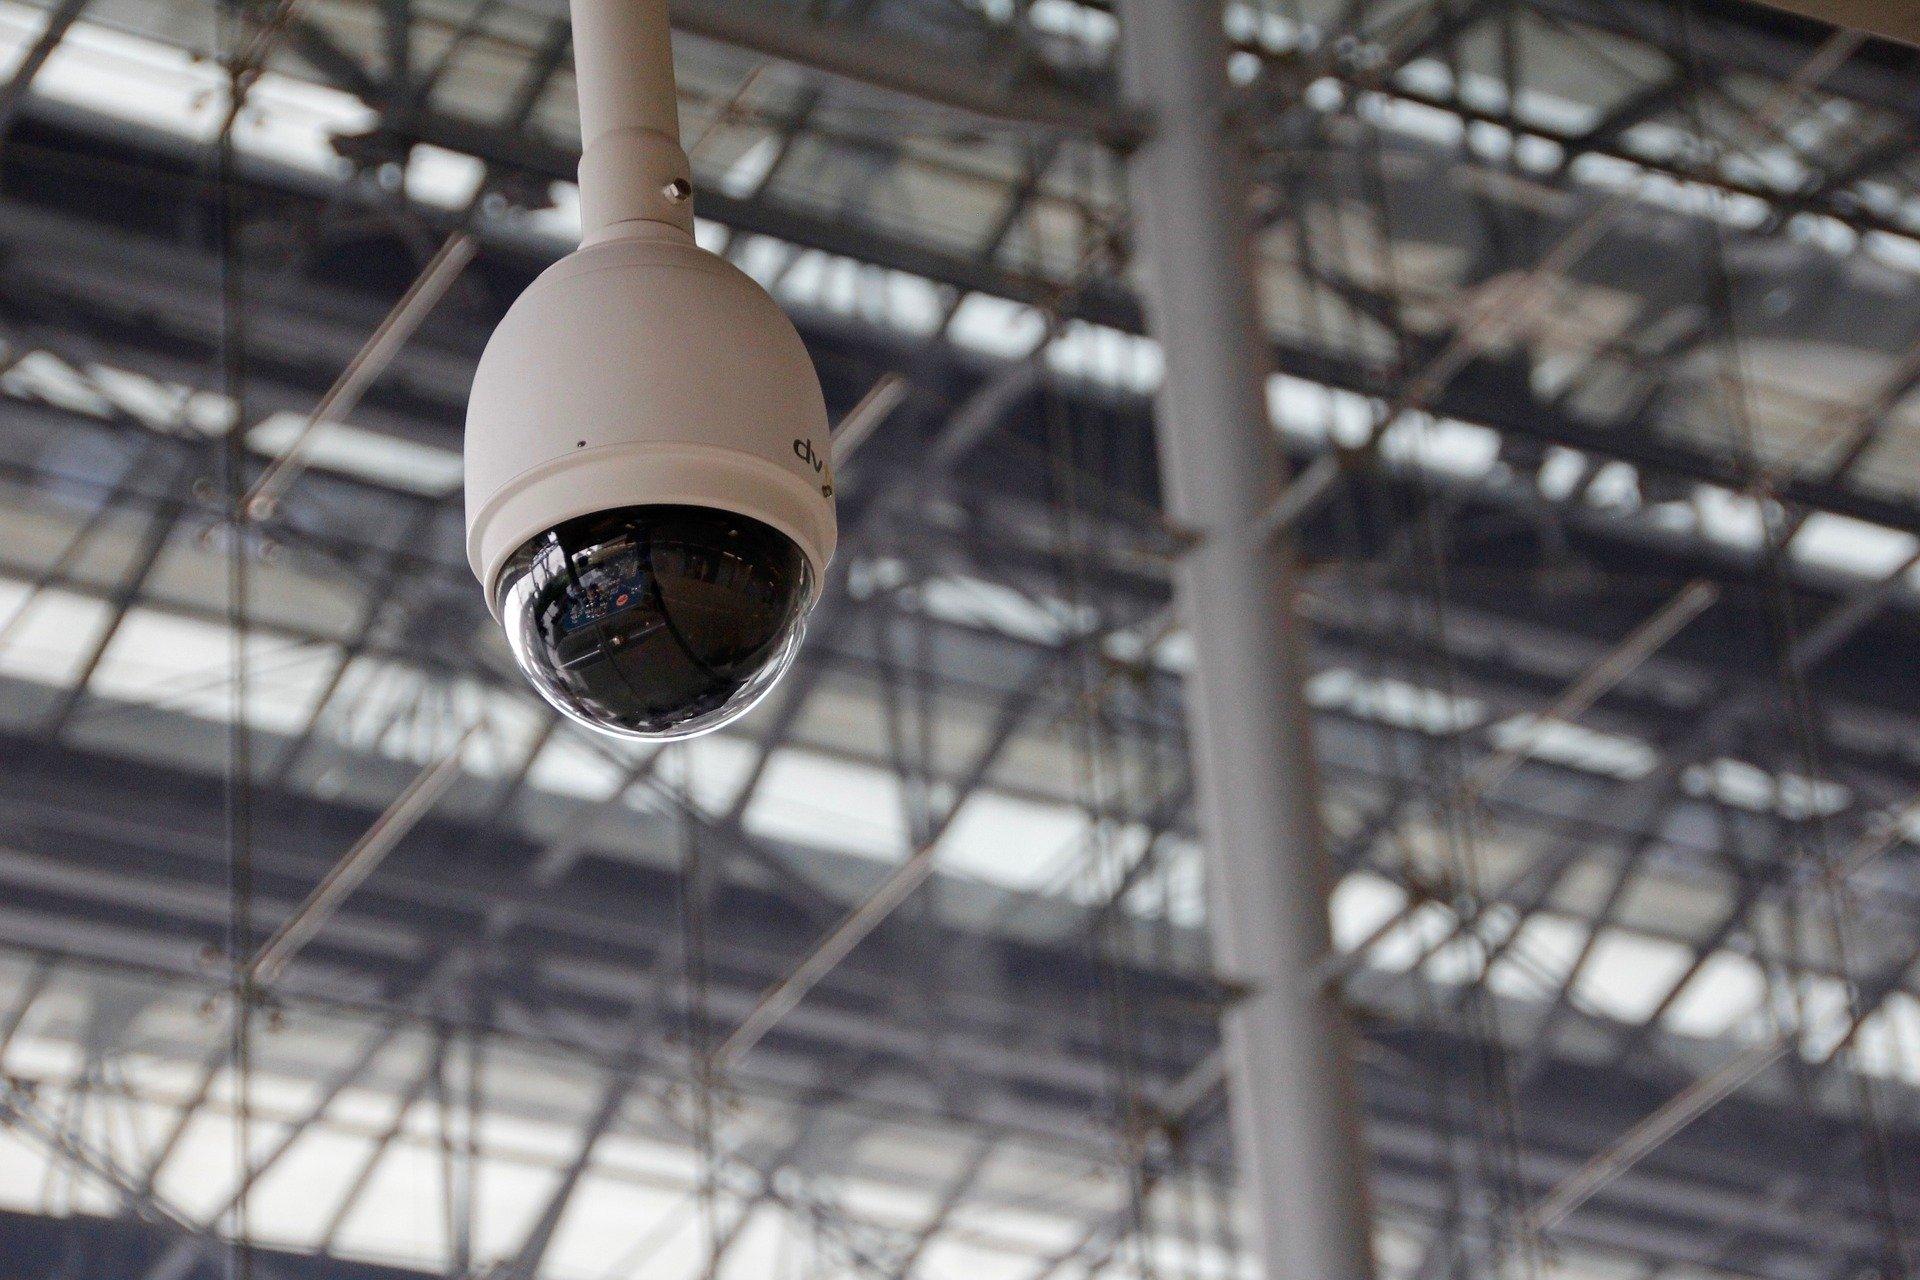 Image d'une caméra de surveillance